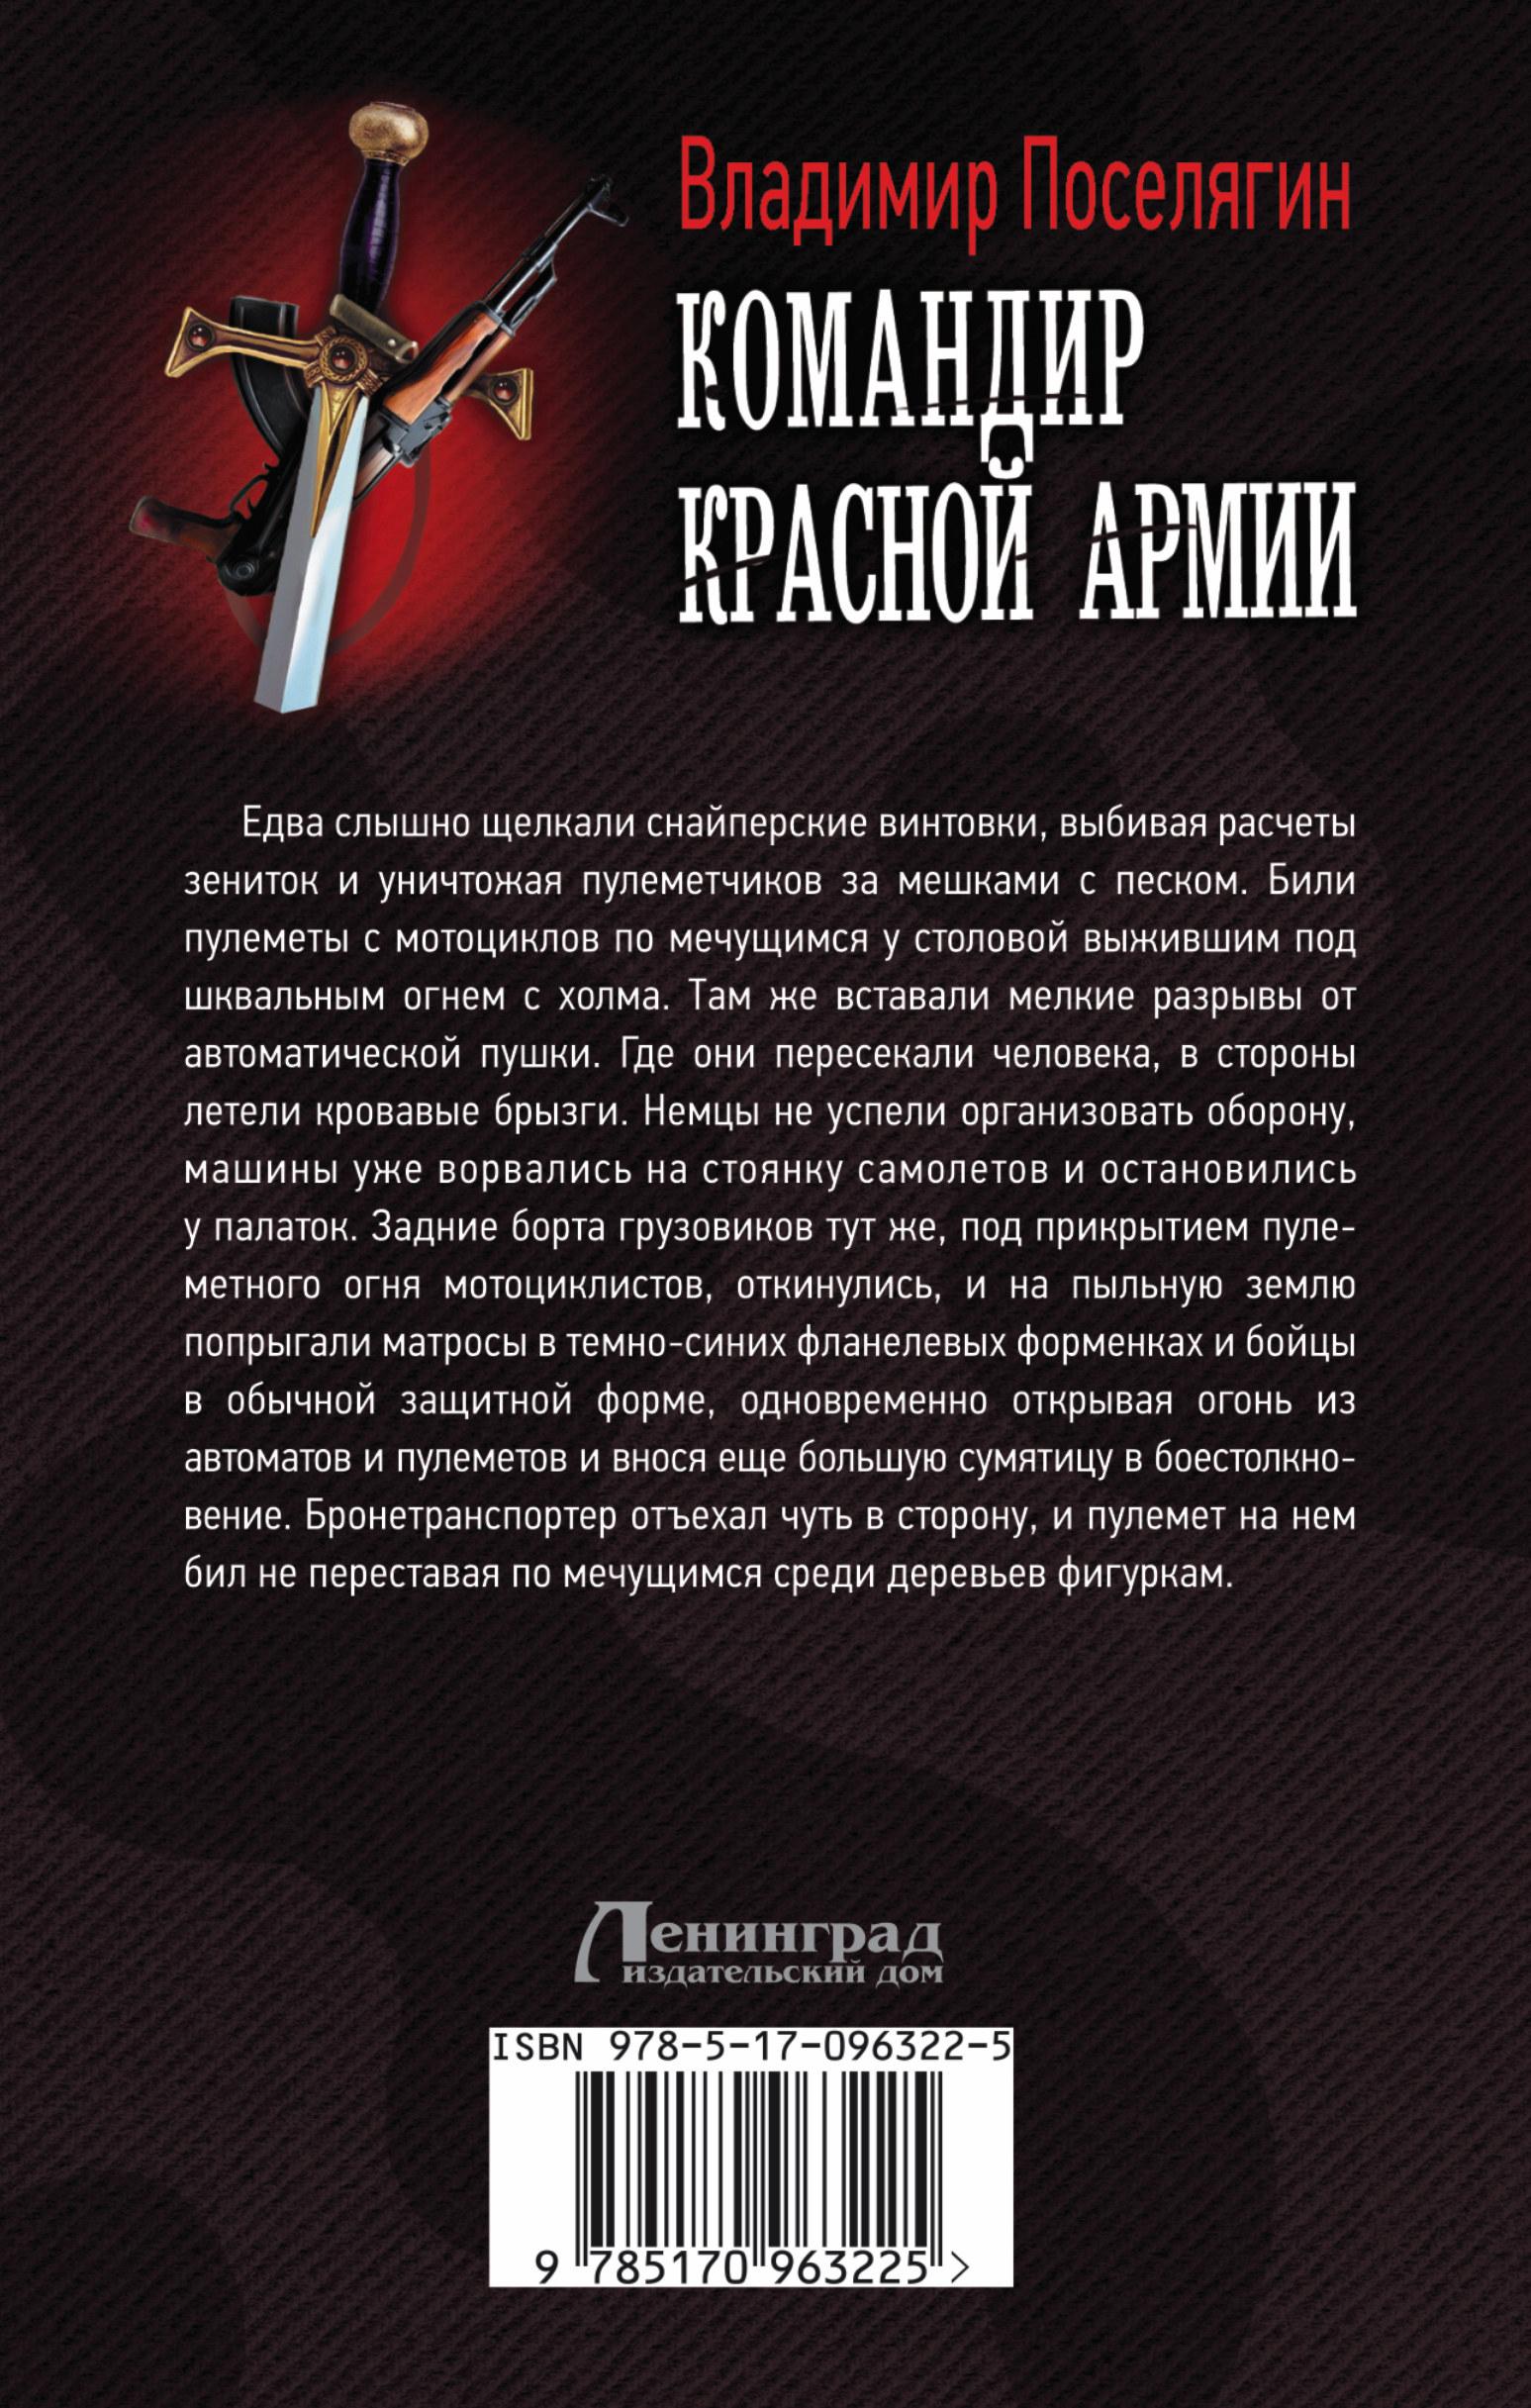 ВЛАДИМИР ПОСЕЛЯГИН КОМАНДИР КРАСНОЙ АРМИИ 3 СКАЧАТЬ БЕСПЛАТНО